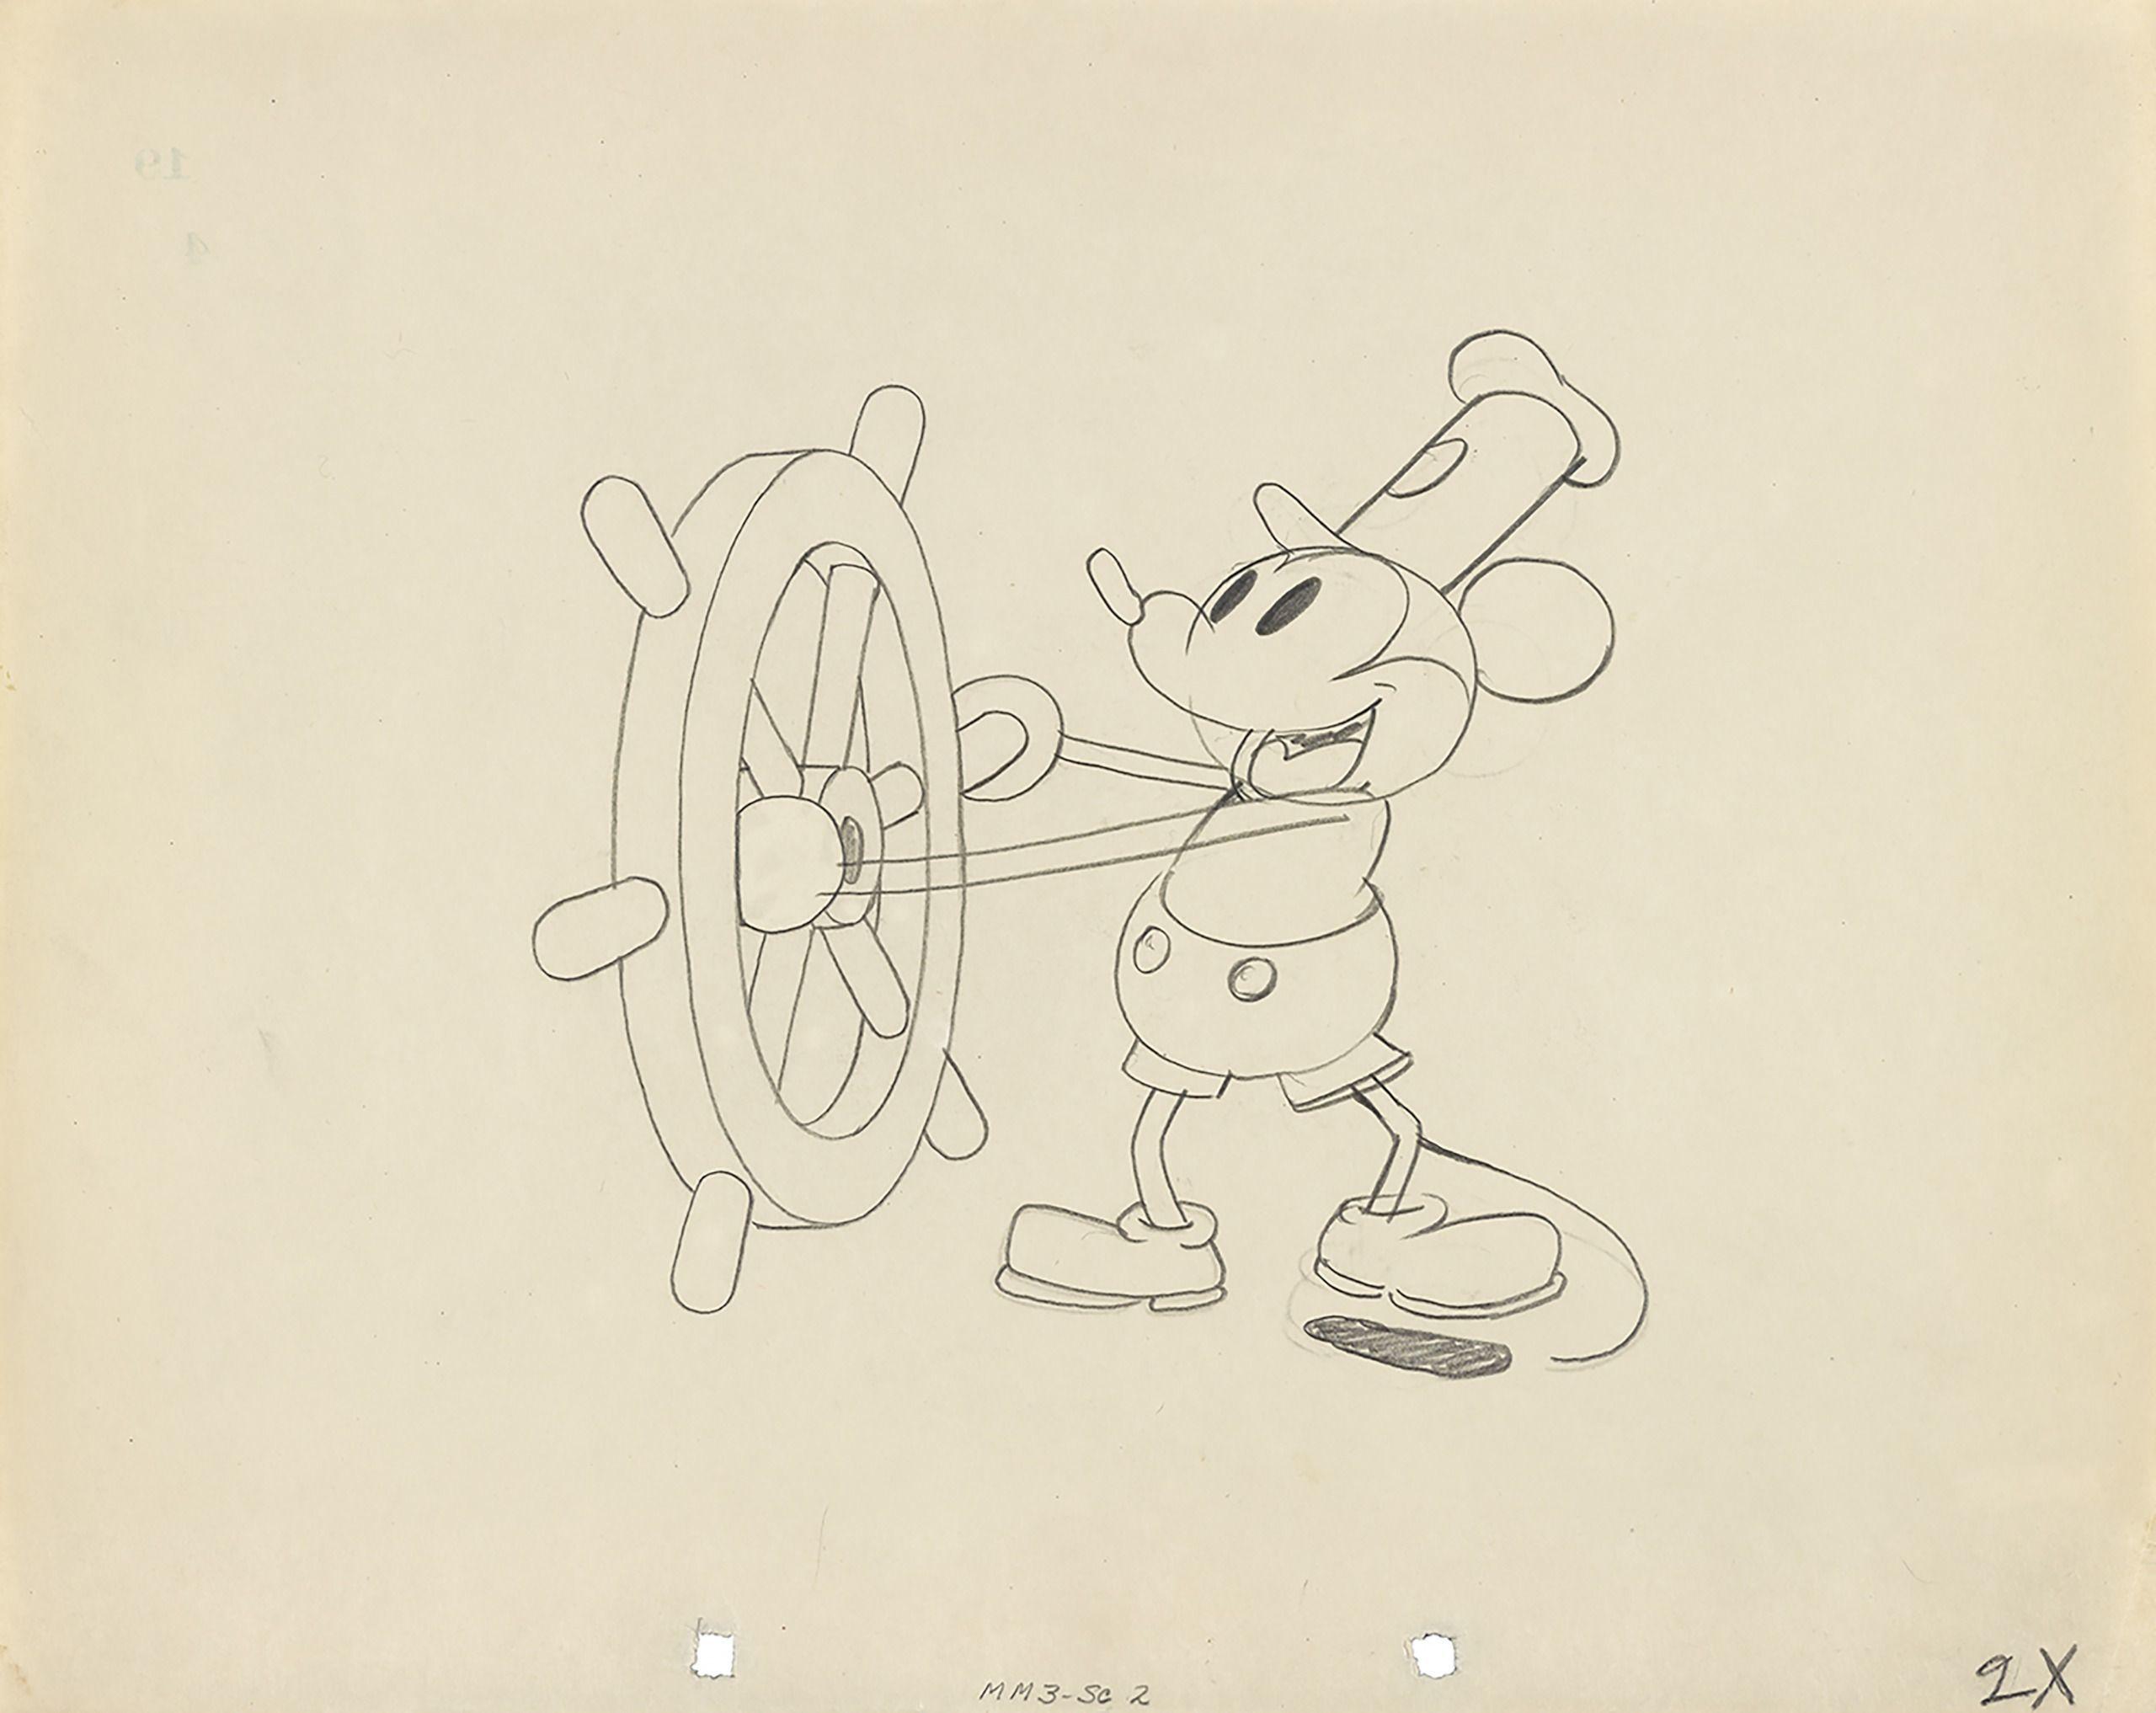 蒸気船ウィリーより 1928年 (C)Disney Enterprises, Inc.